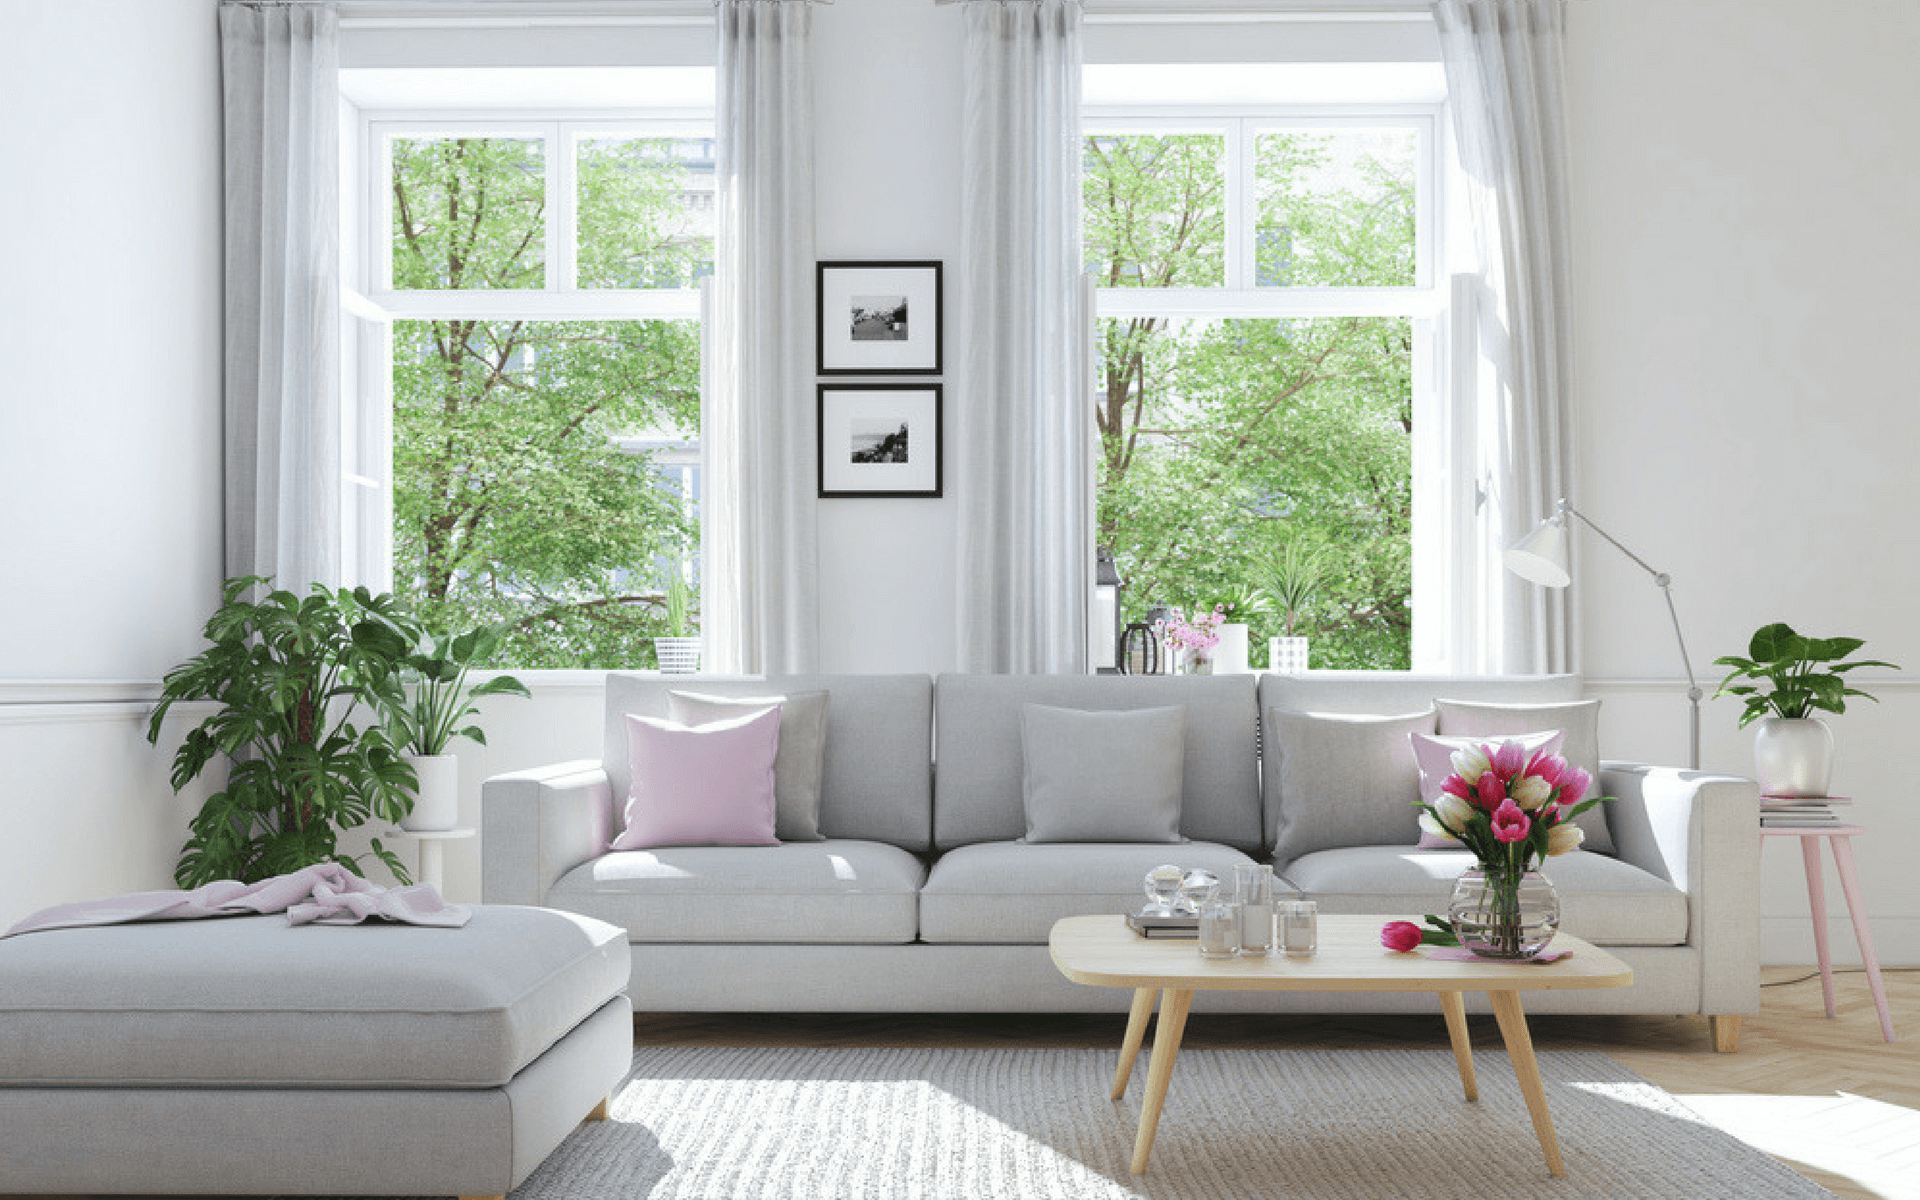 Perchè scegliere colori neutri ma eleganti prima di dare in affitto un appartamento